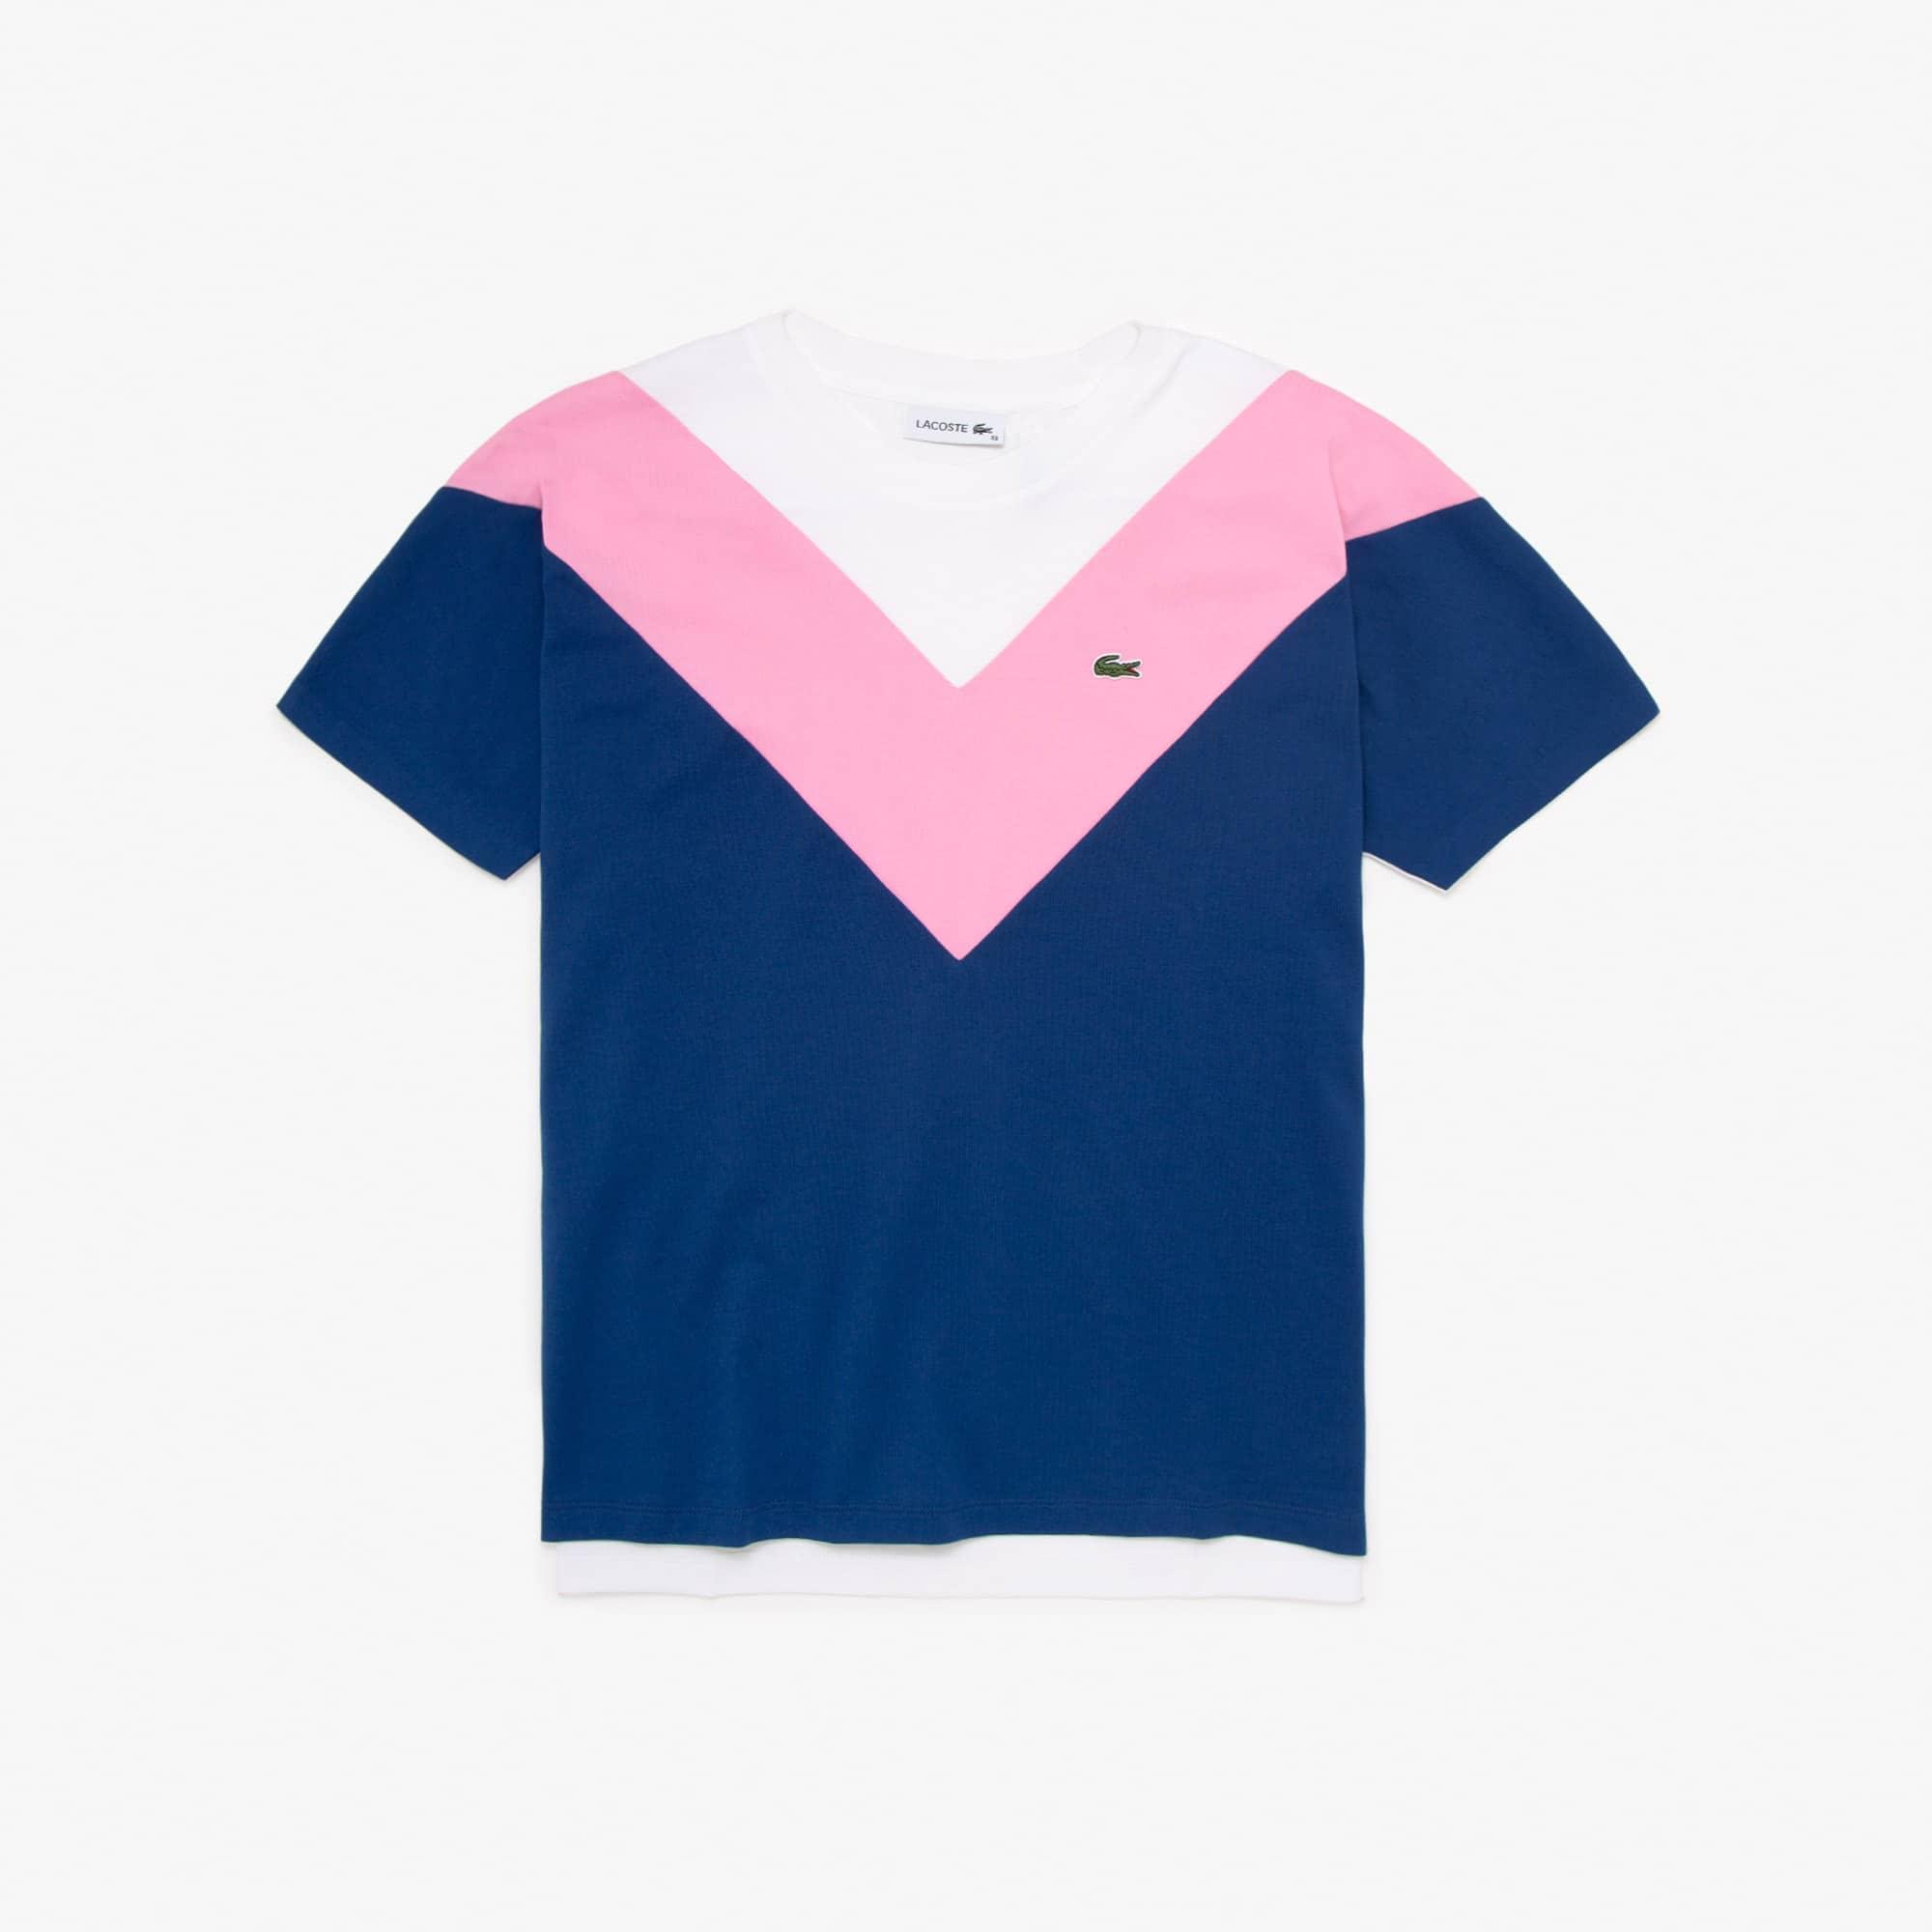 Lacoste Womens Colorblock Soft Cotton T-shirt